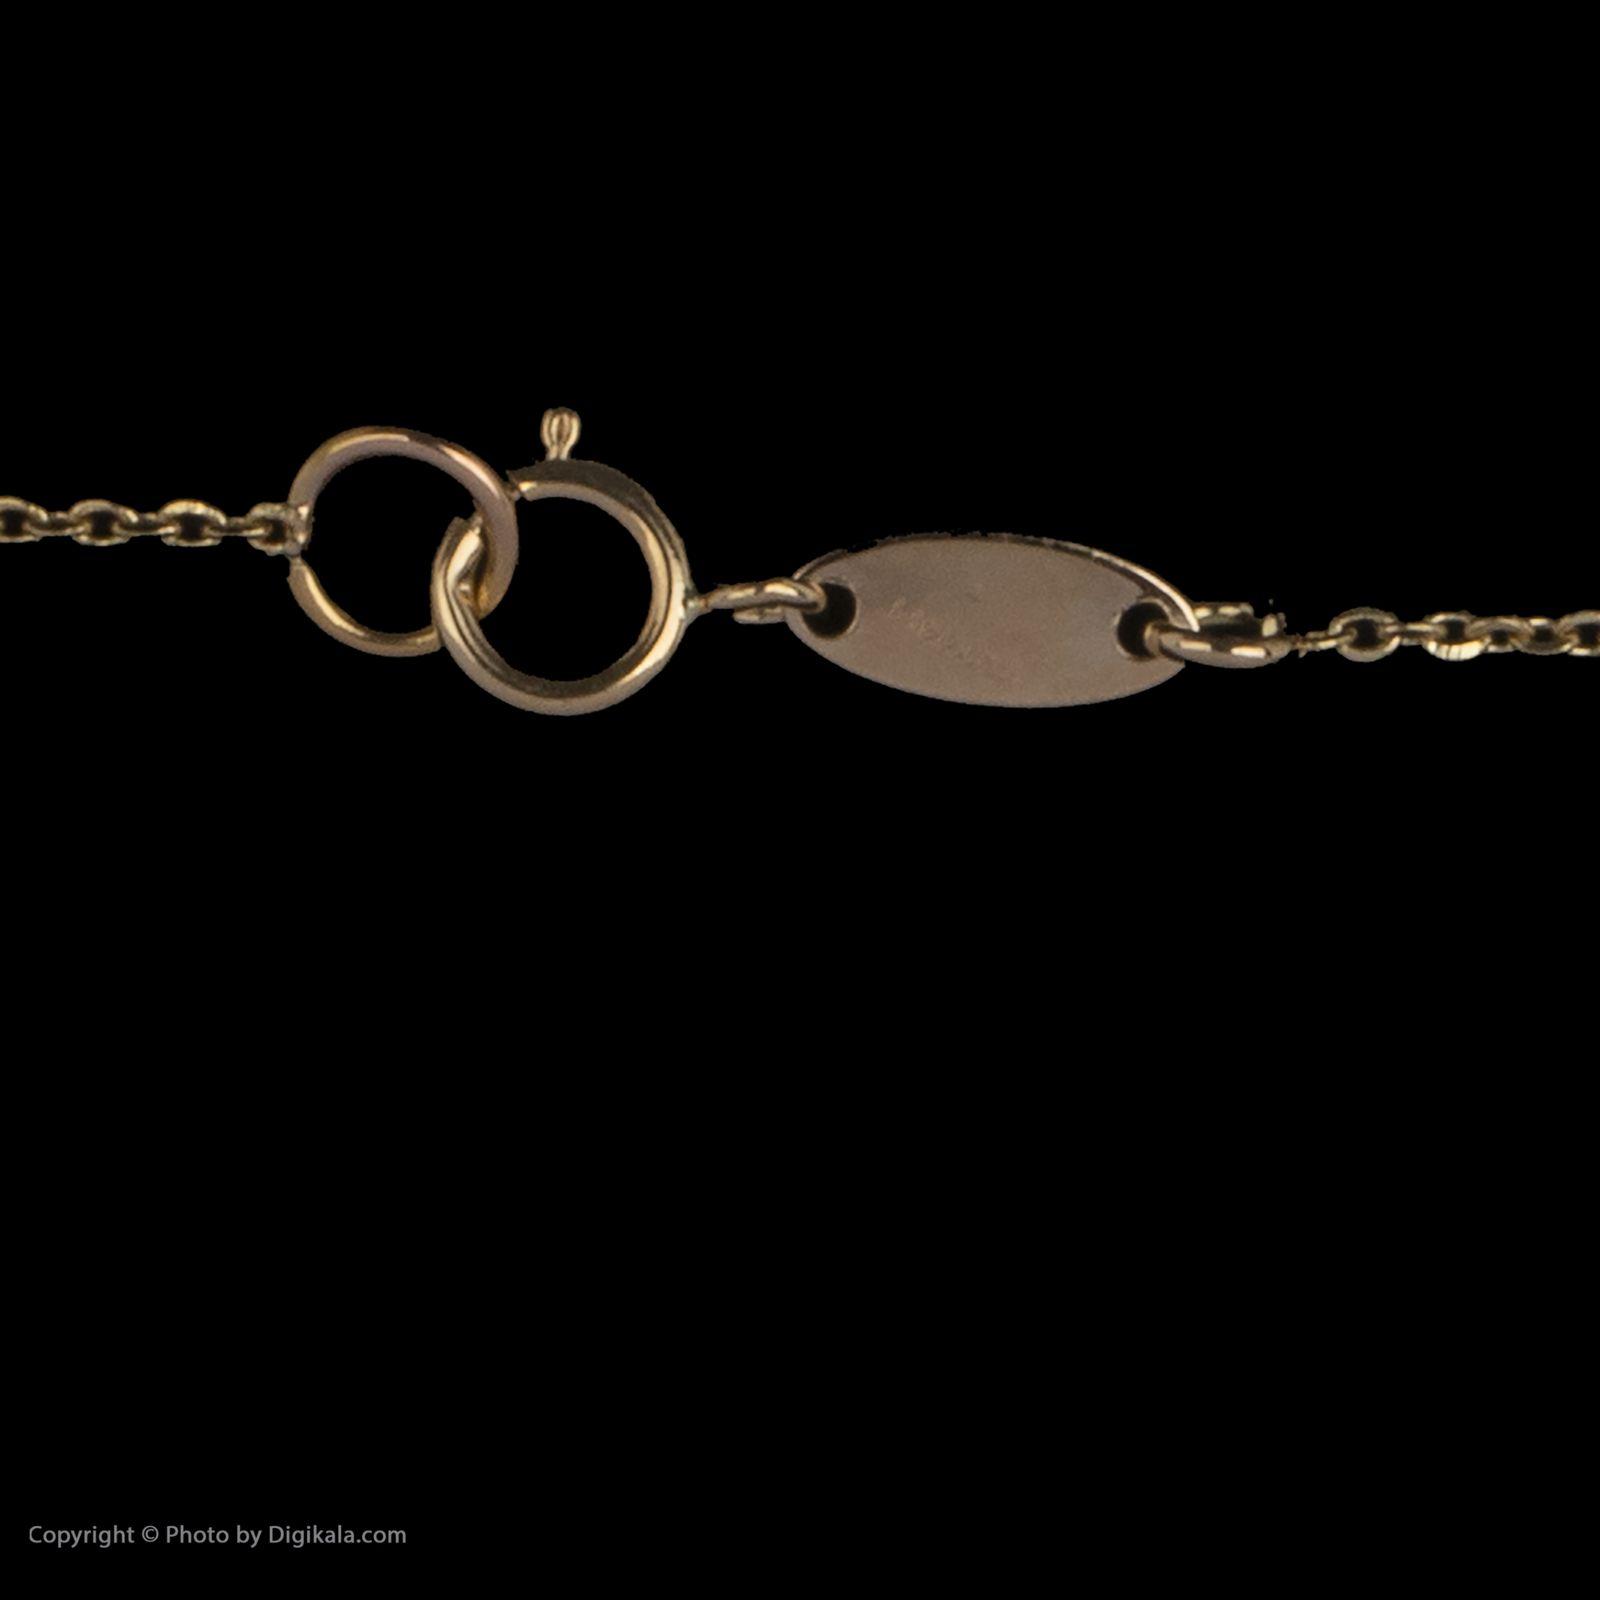 گردنبند طلا 18 عیار زنانه سیودو مدل 163956 -  - 5